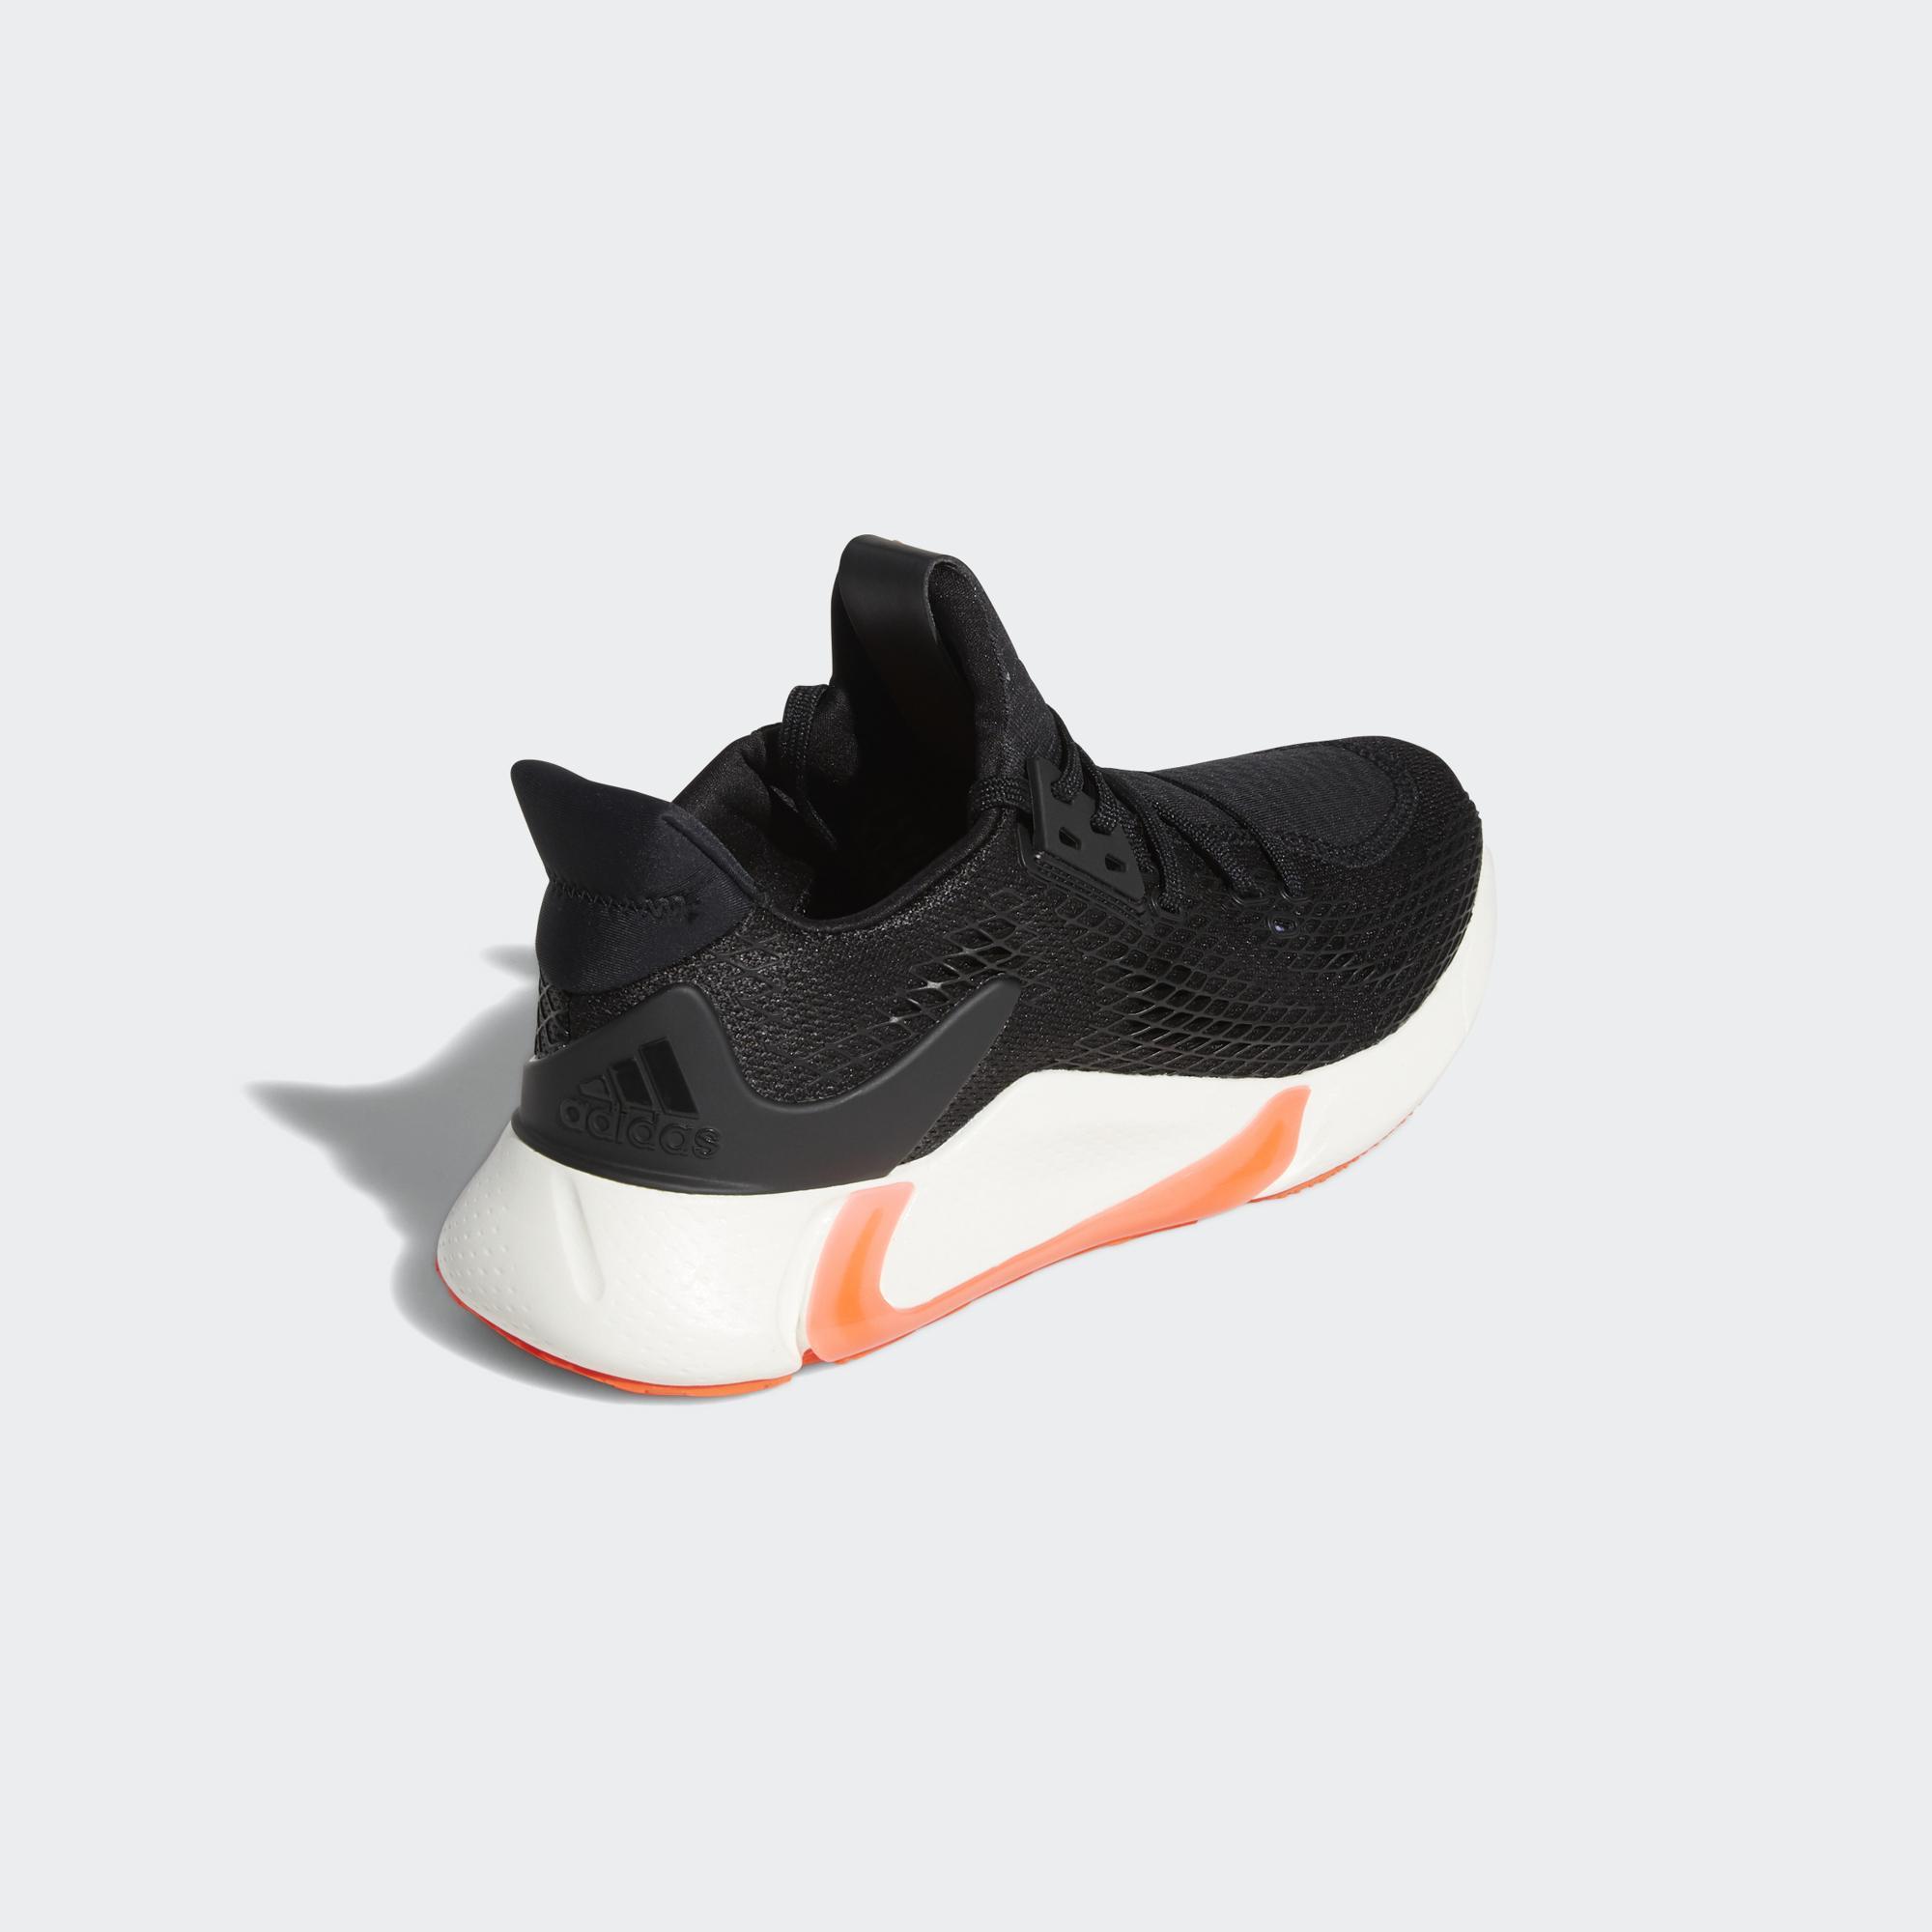 可多向移動的支撐型跑鞋